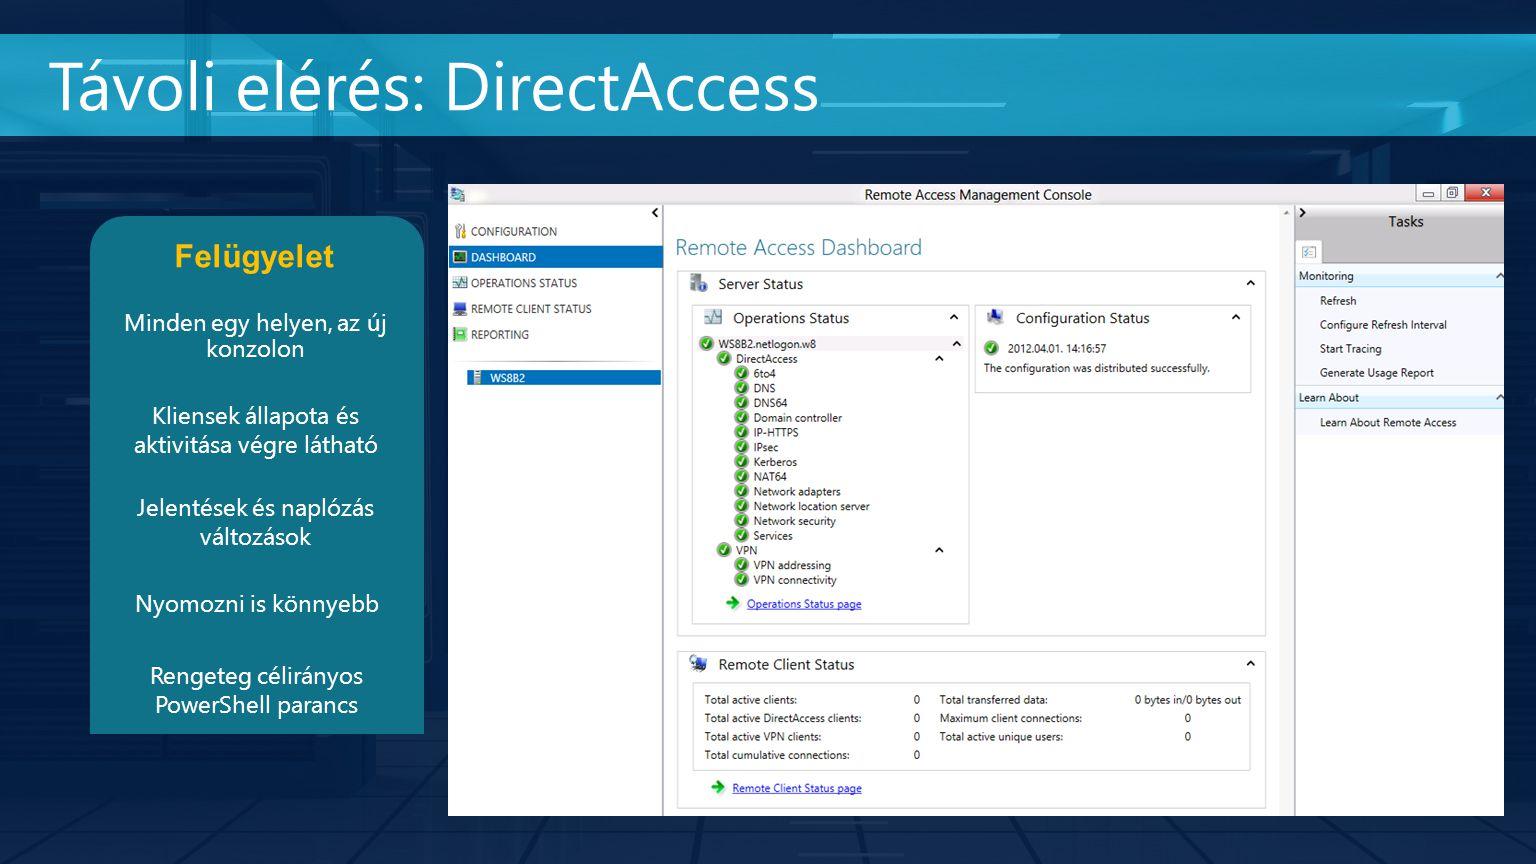 Távoli elérés: DirectAccess Jelentések és naplózás változások Felügyelet Minden egy helyen, az új konzolon Kliensek állapota és aktivitása végre látható Rengeteg célirányos PowerShell parancs Nyomozni is könnyebb